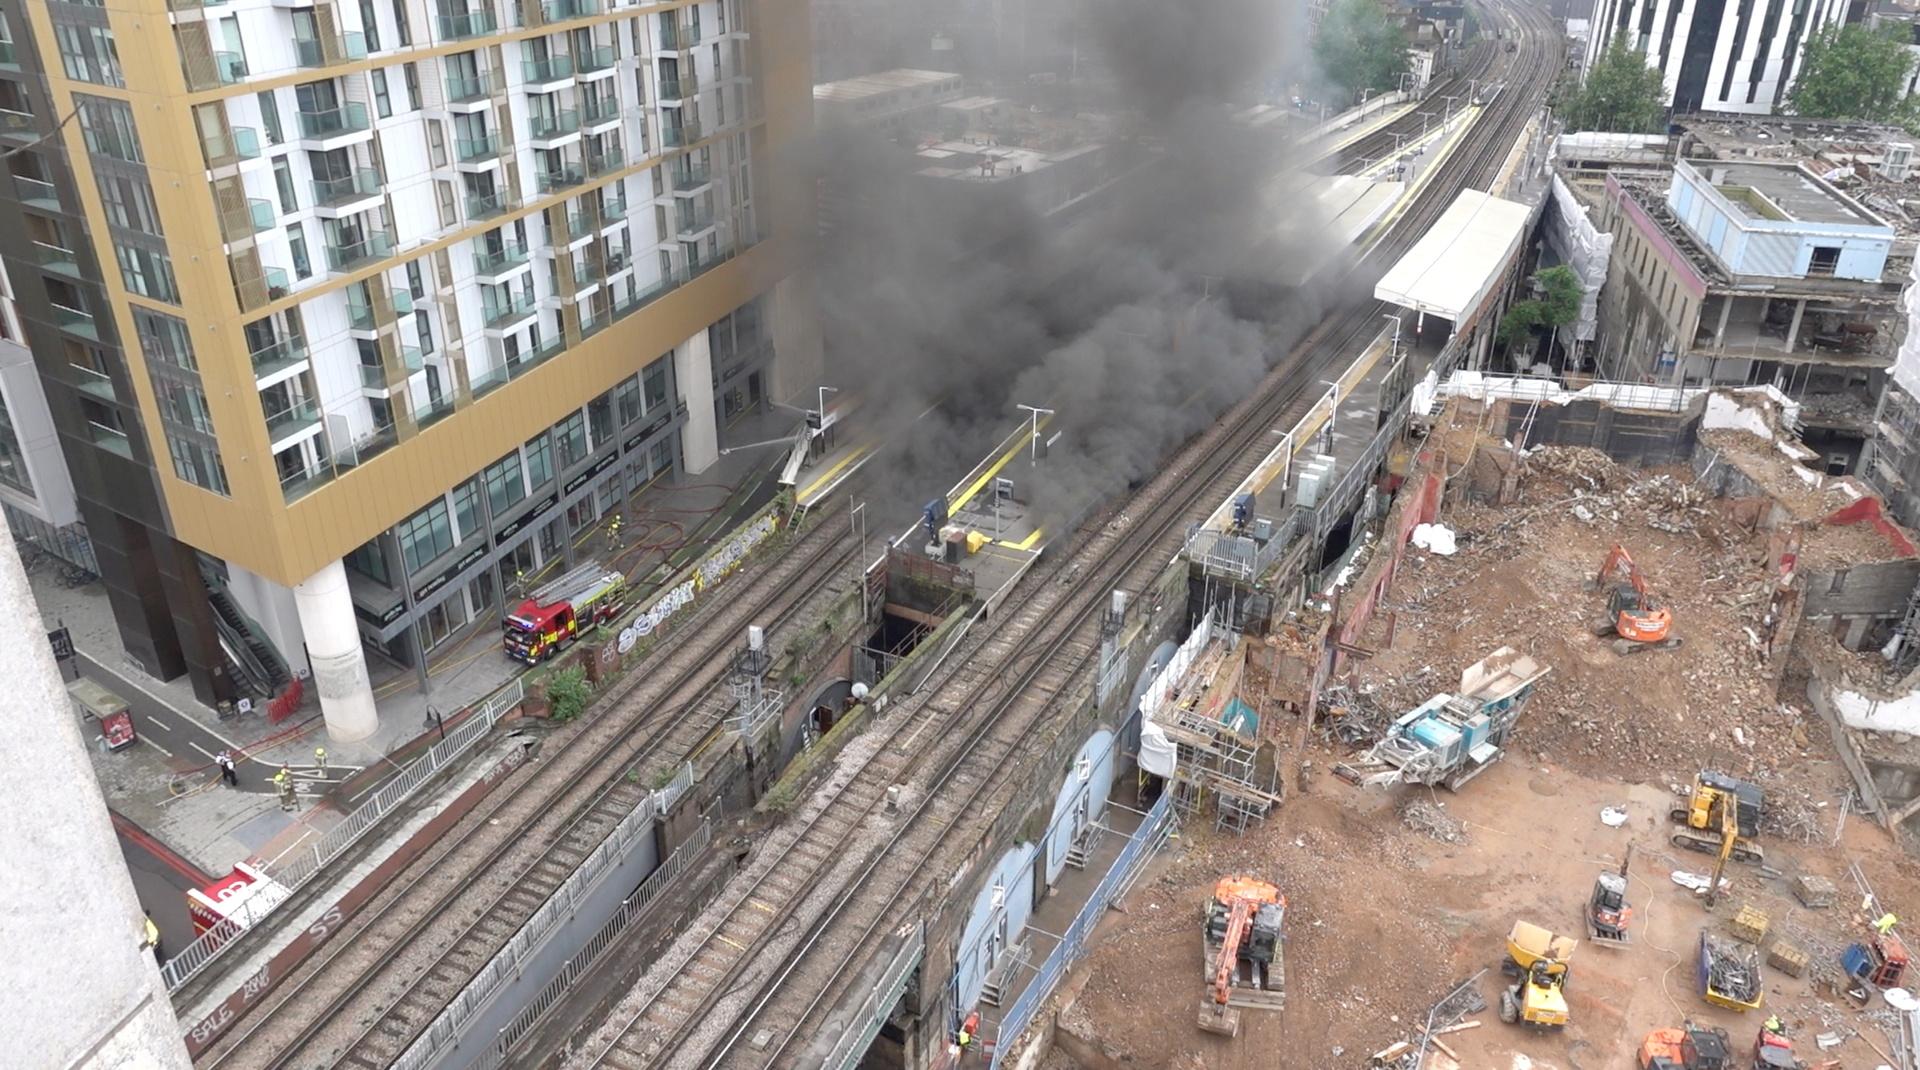 Un spectaculaire incendie se déclare dans le centre de Londres